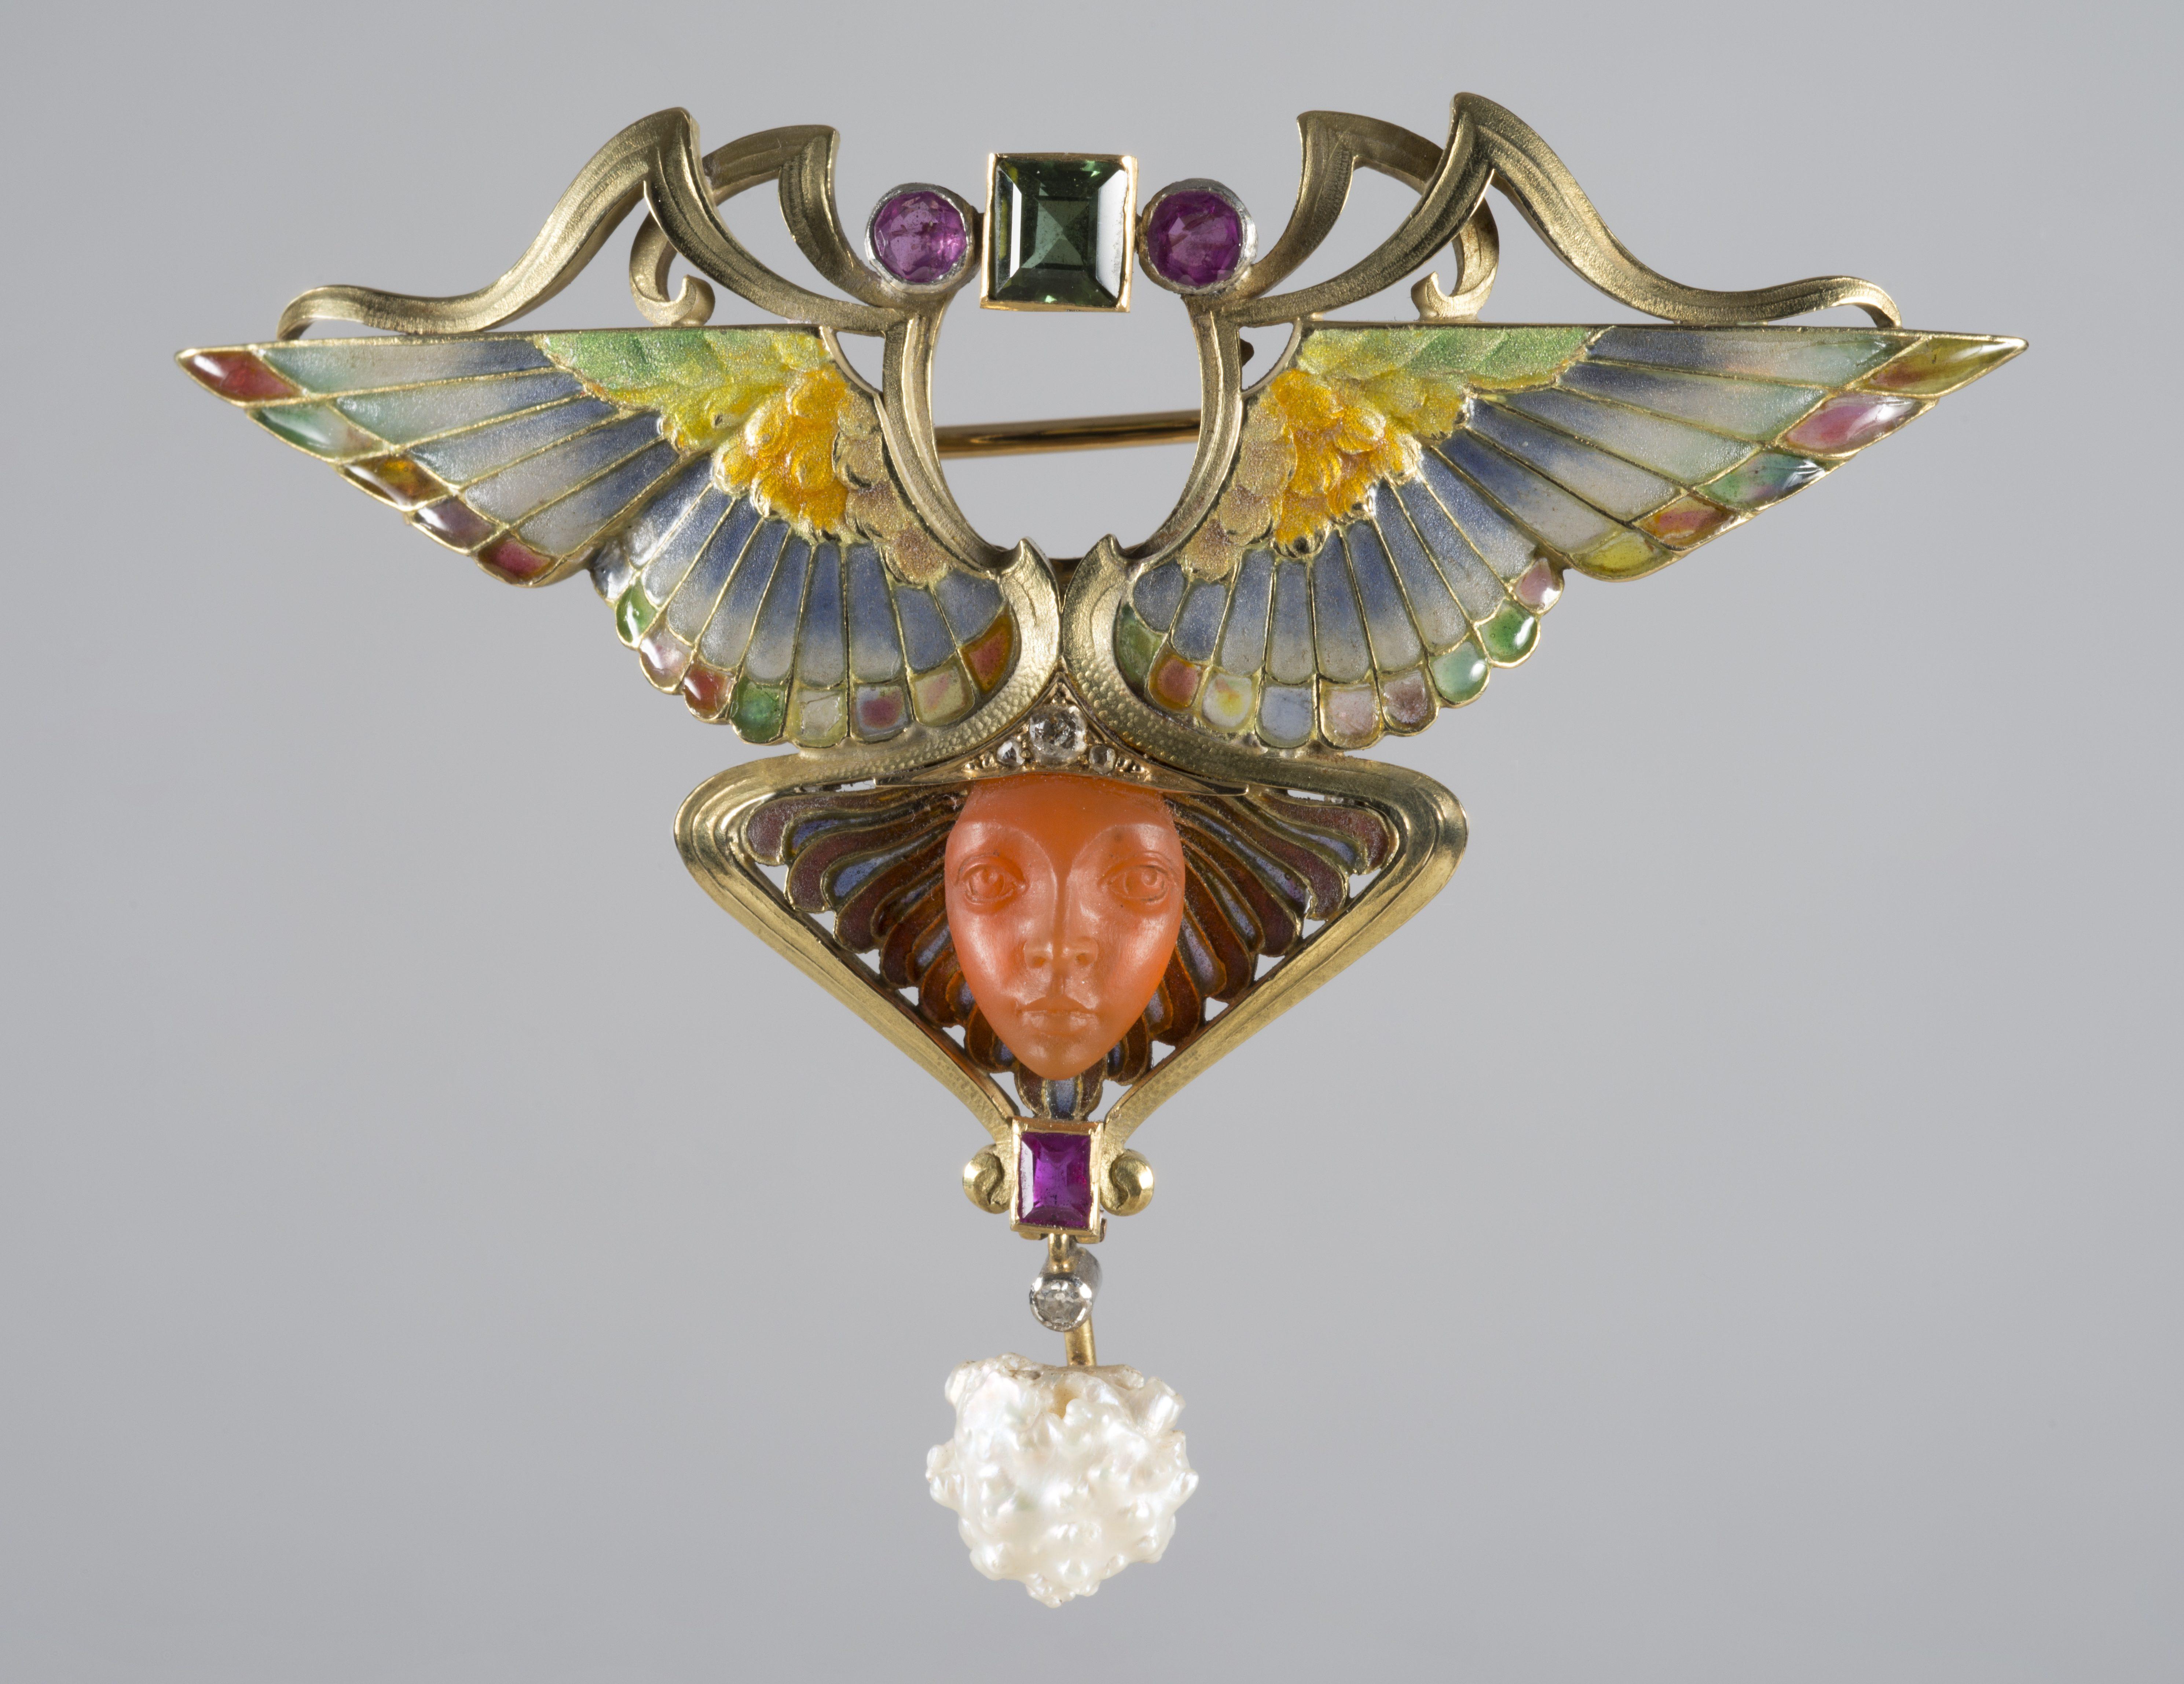 Philippe Wolfers, Nikè, broche/hanger, 1902. Collectie Koning Boudewijnstichting. Foto met dank aan Jubelparkmuseum©